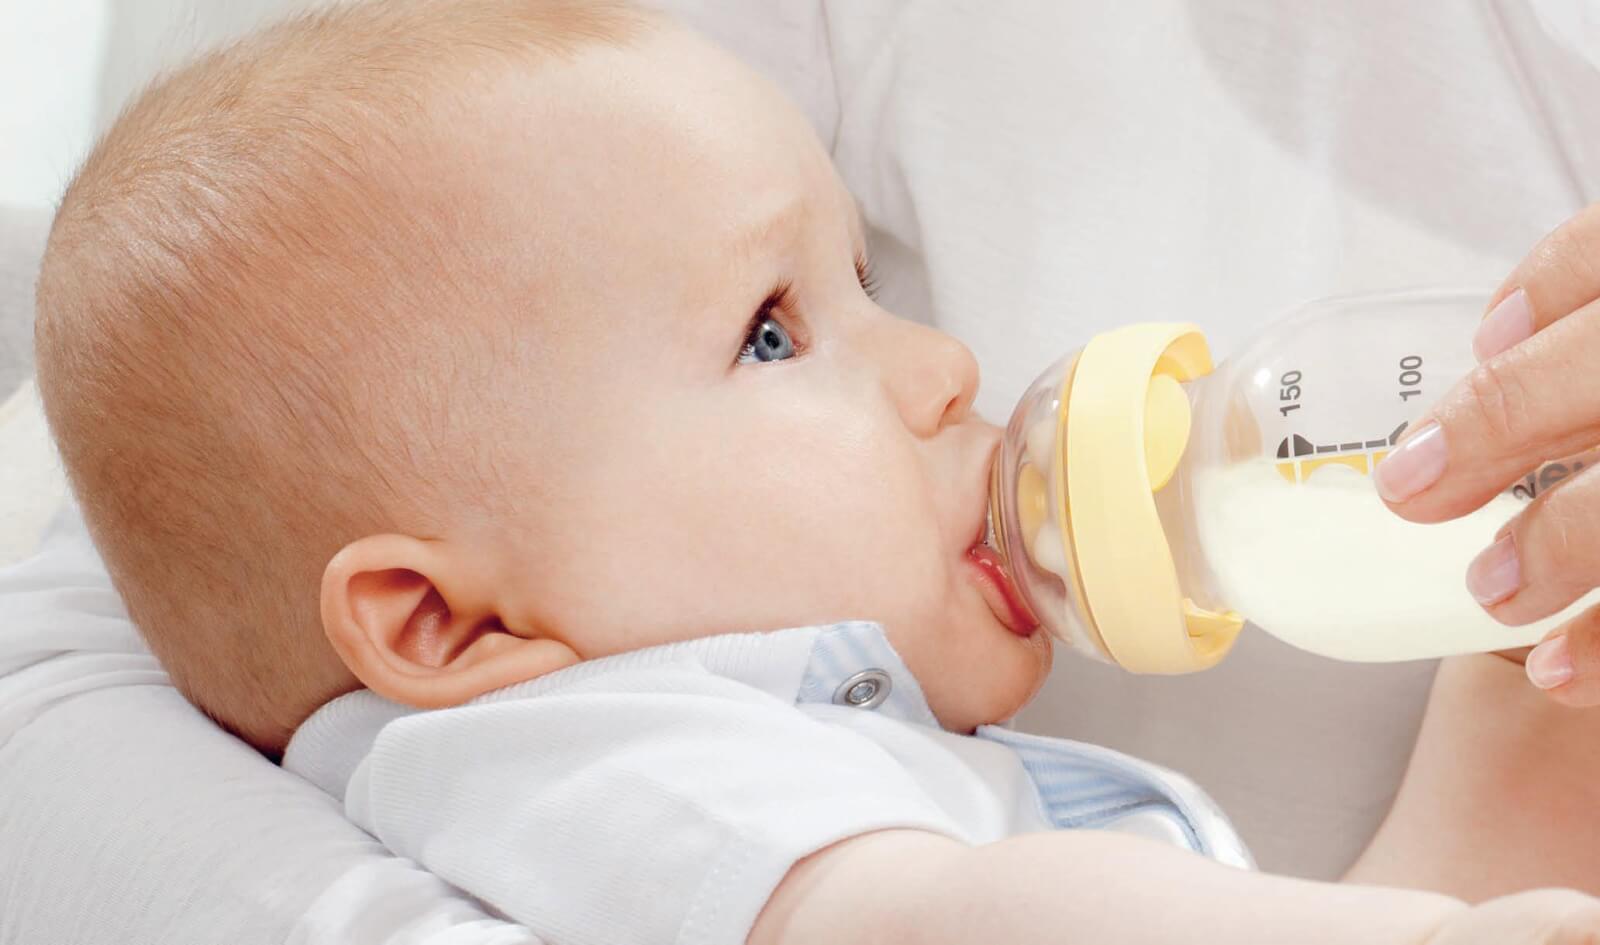 Что такое дисбактериоз у детей, в чем опасность, рекомендации по устранению